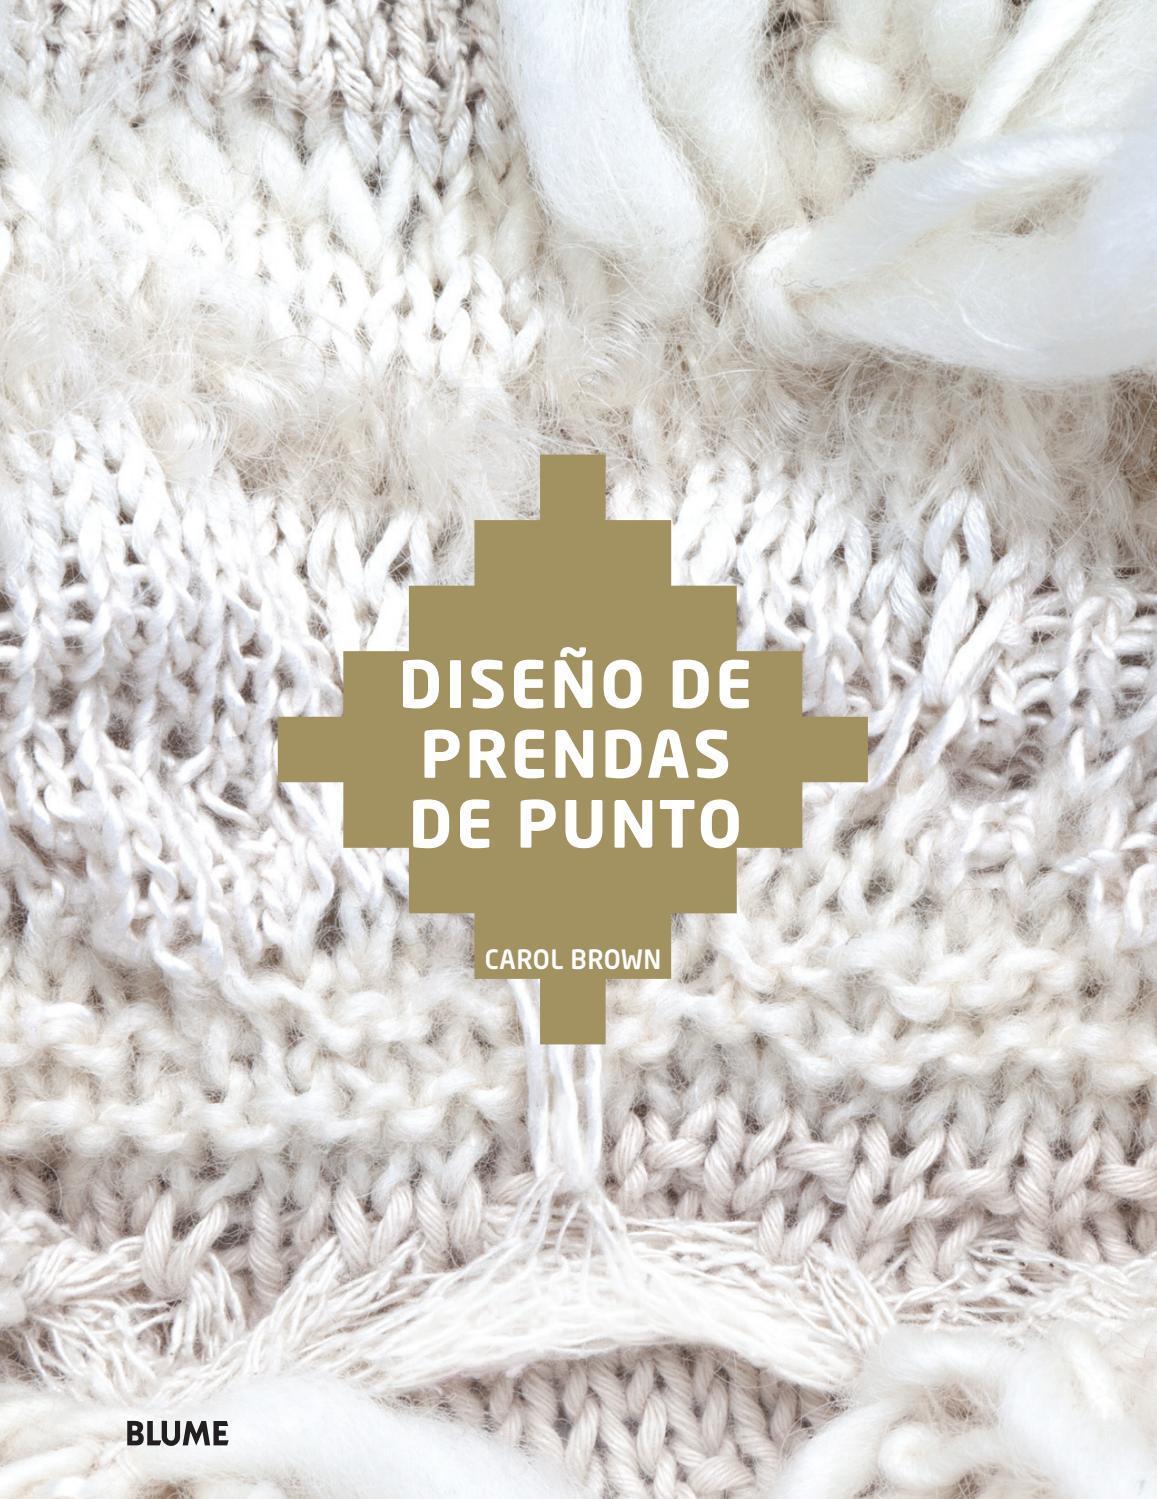 Diseño de prendas de punto by Editorial Blume - issuu